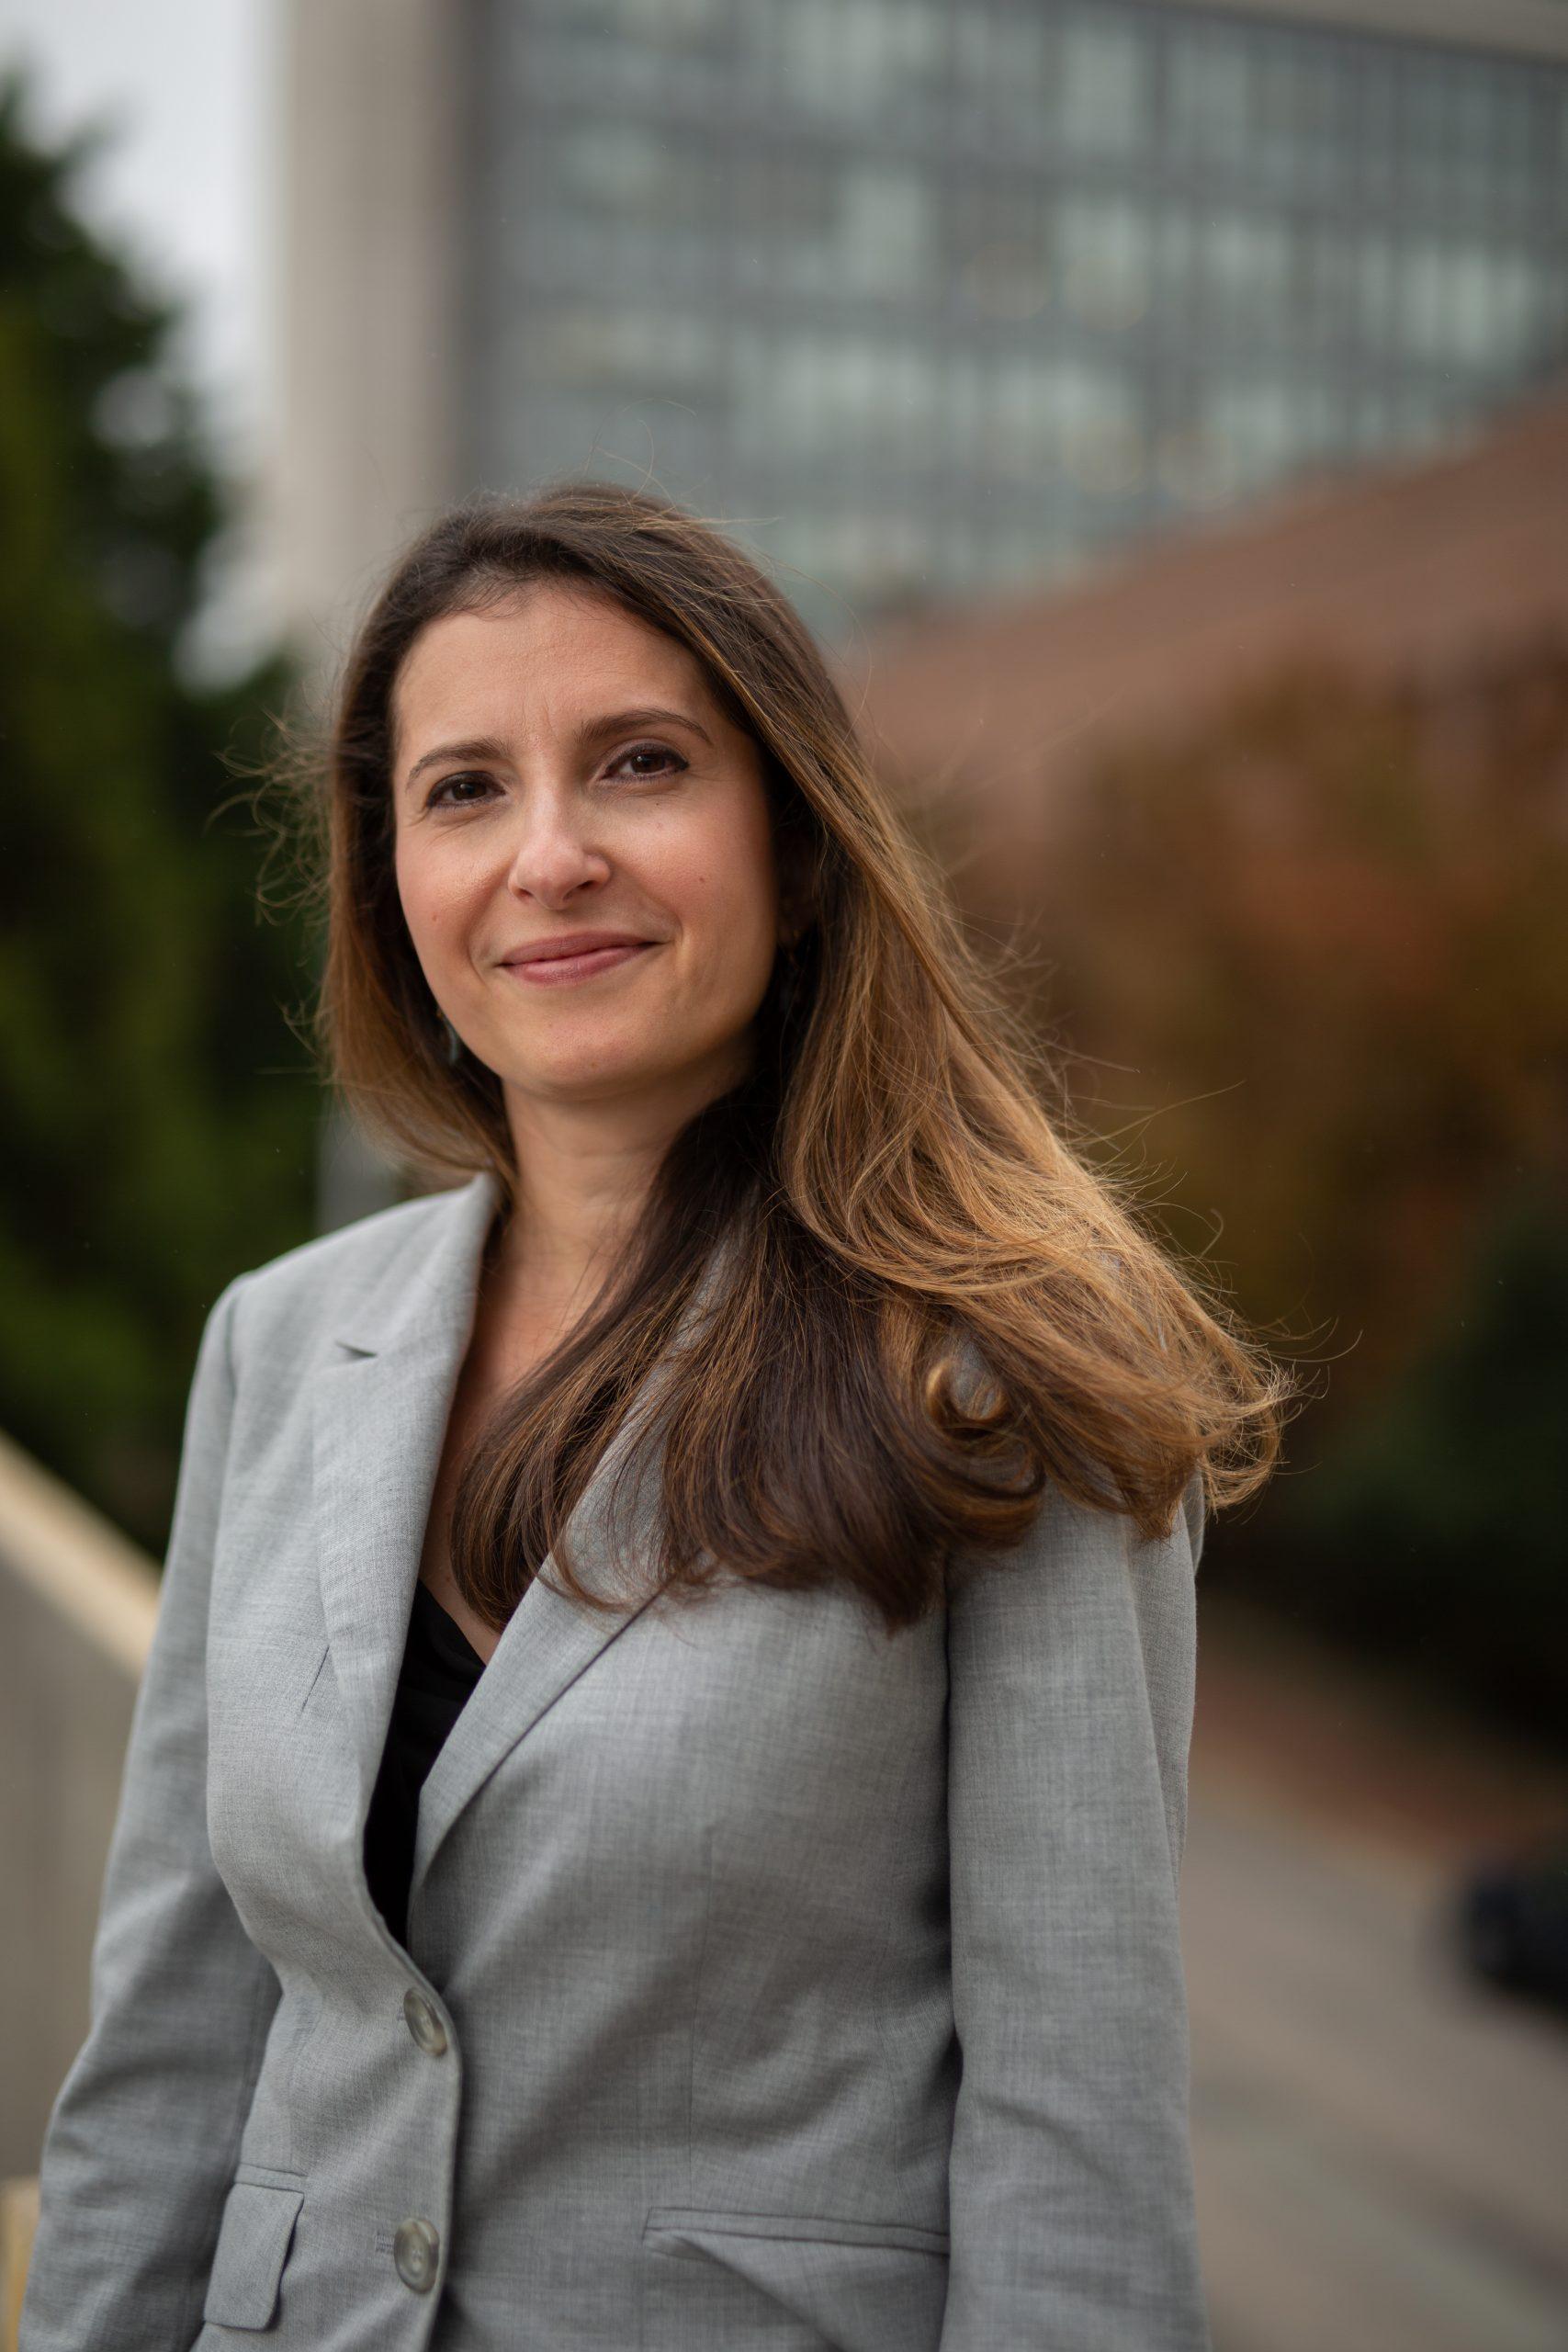 Yuliya Pylayeva-Gupta, PhD, is a researcher at UNC Lineberger